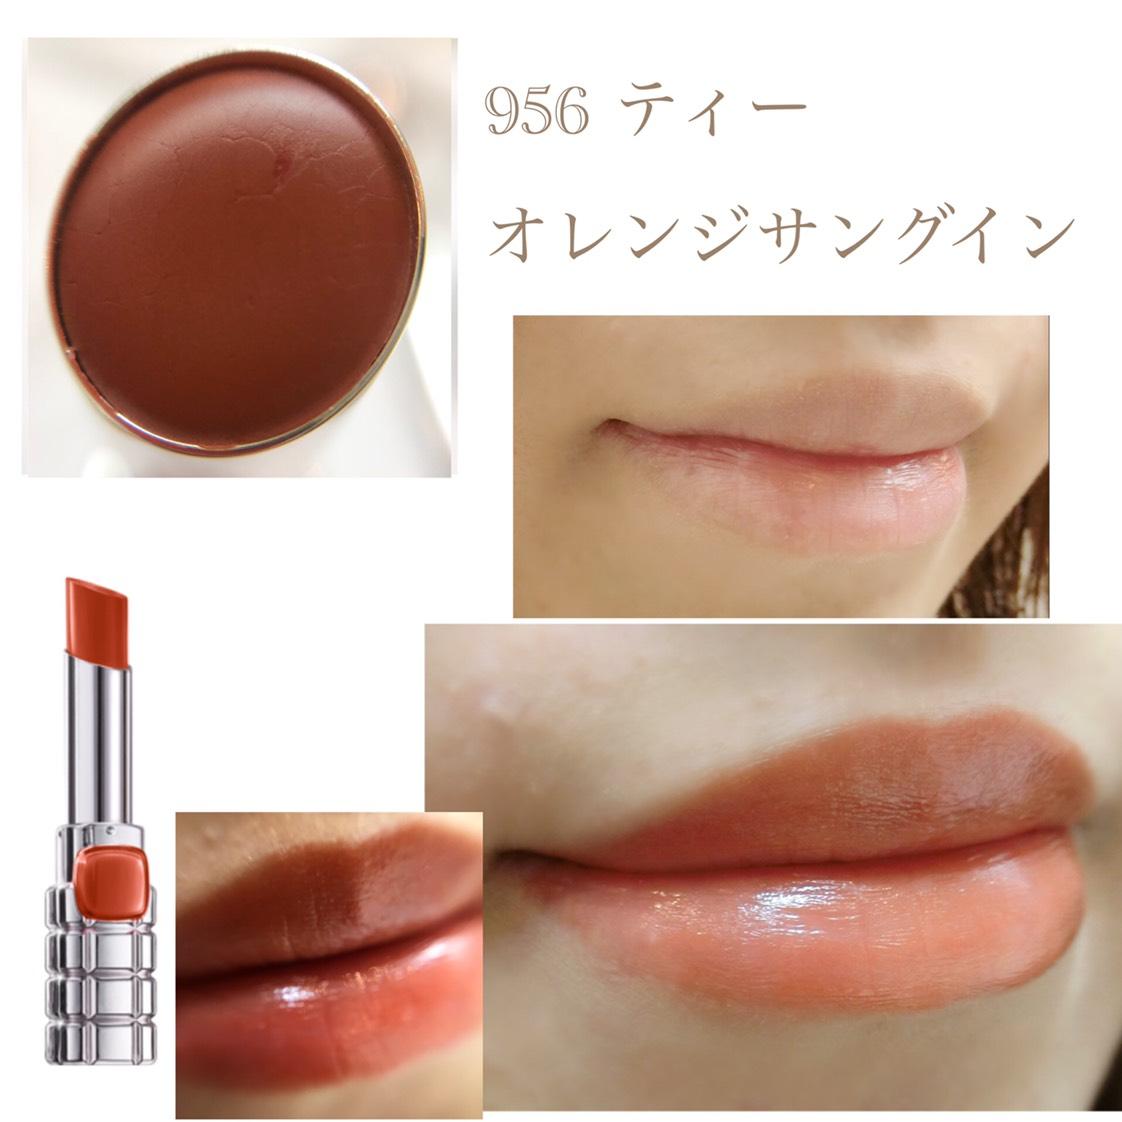 956 ティーオレンジサングイン お洒落なオレンジティーブラウン (イエベ向け) 3本の中で1番赤みが強くて、1番目立つカラーです♡ レンガ色のような、綺麗なお姉さんがつけていそうなかっこいい色でした!